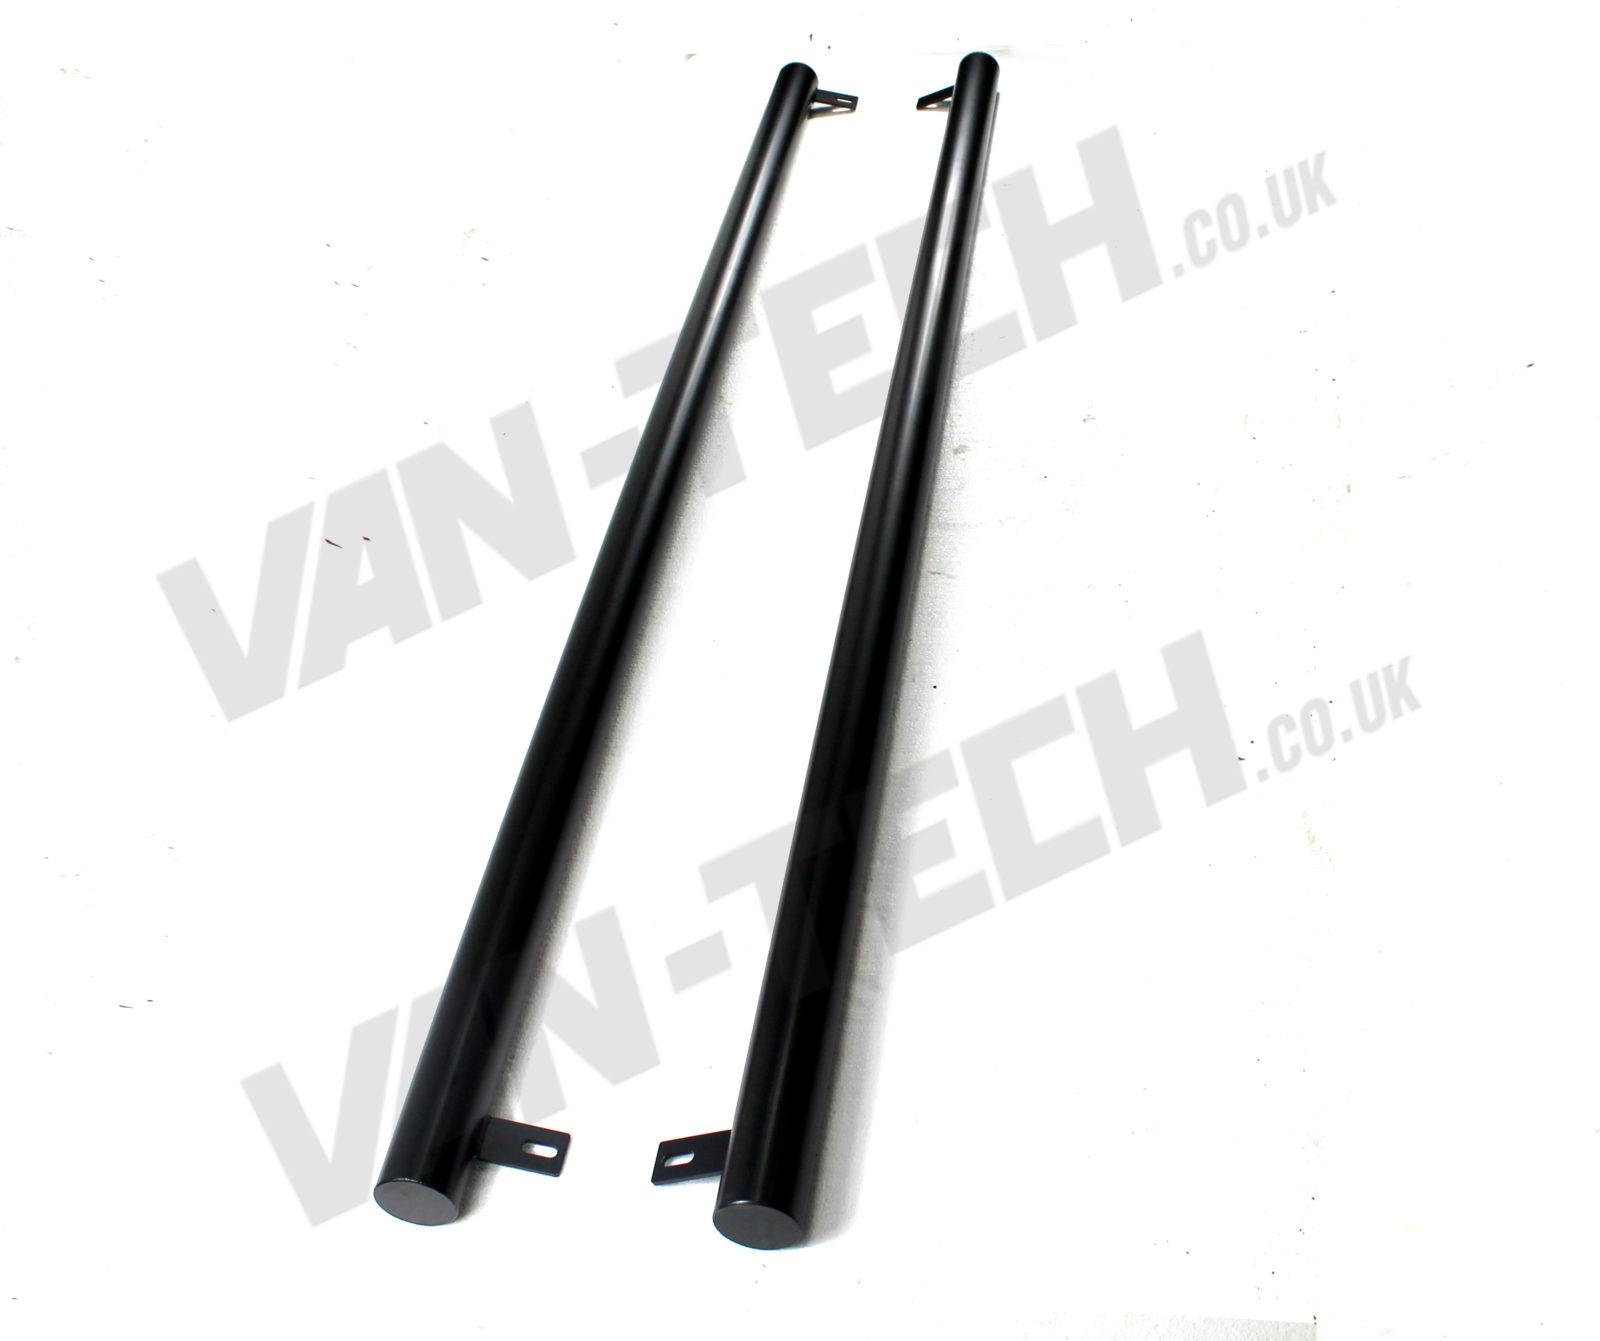 VW T4 Transporter SWB Flat End Black Side Bars